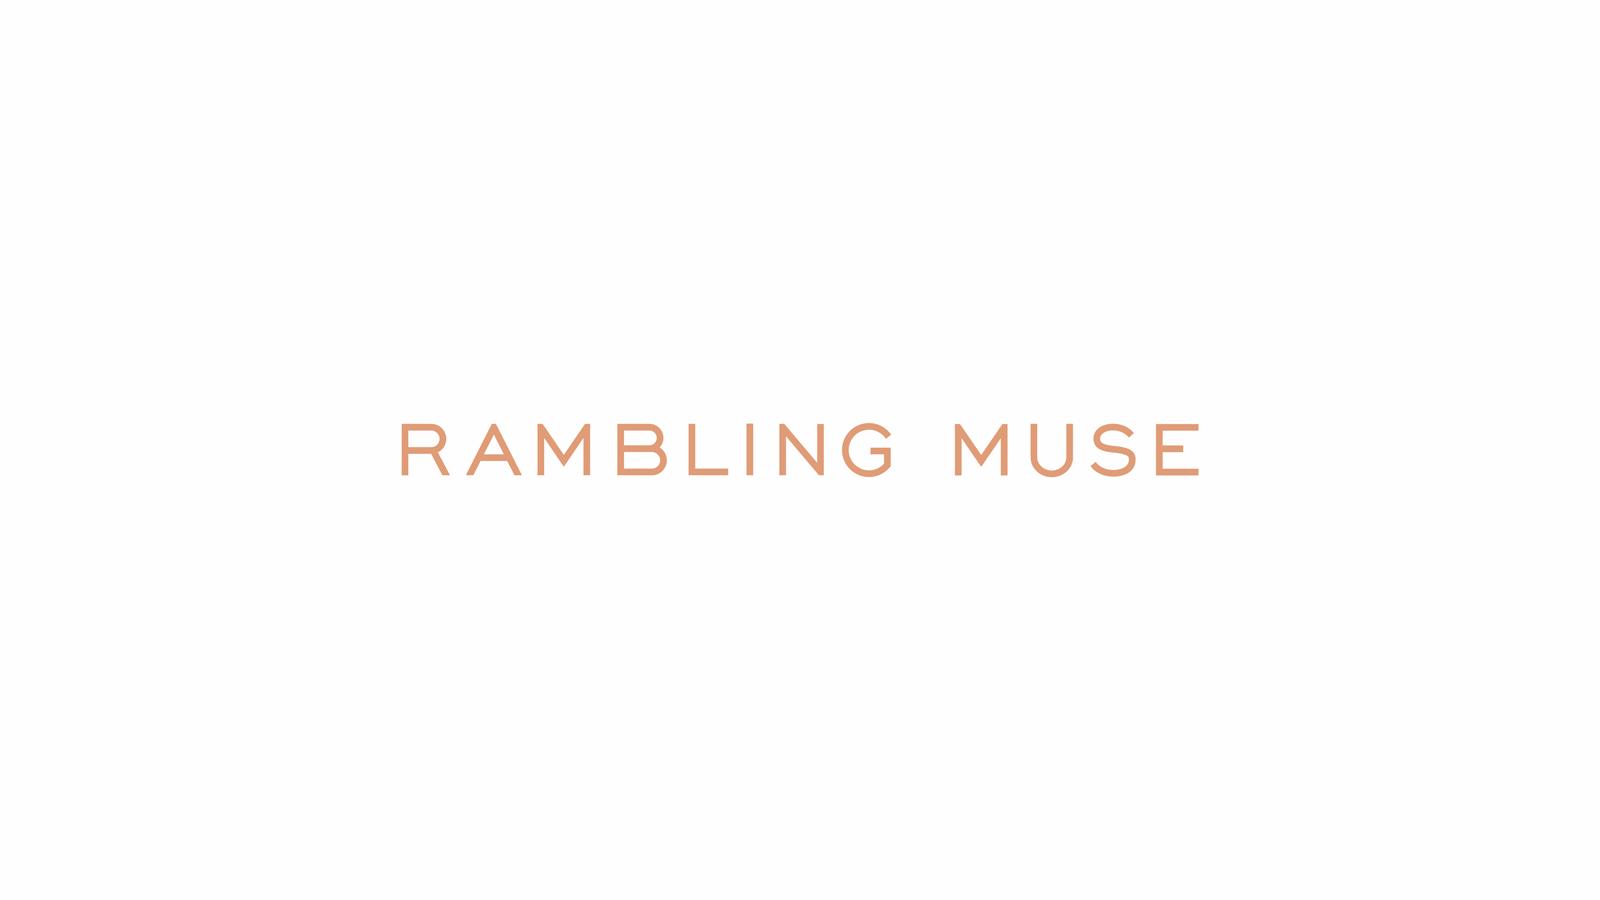 Rambling Muse